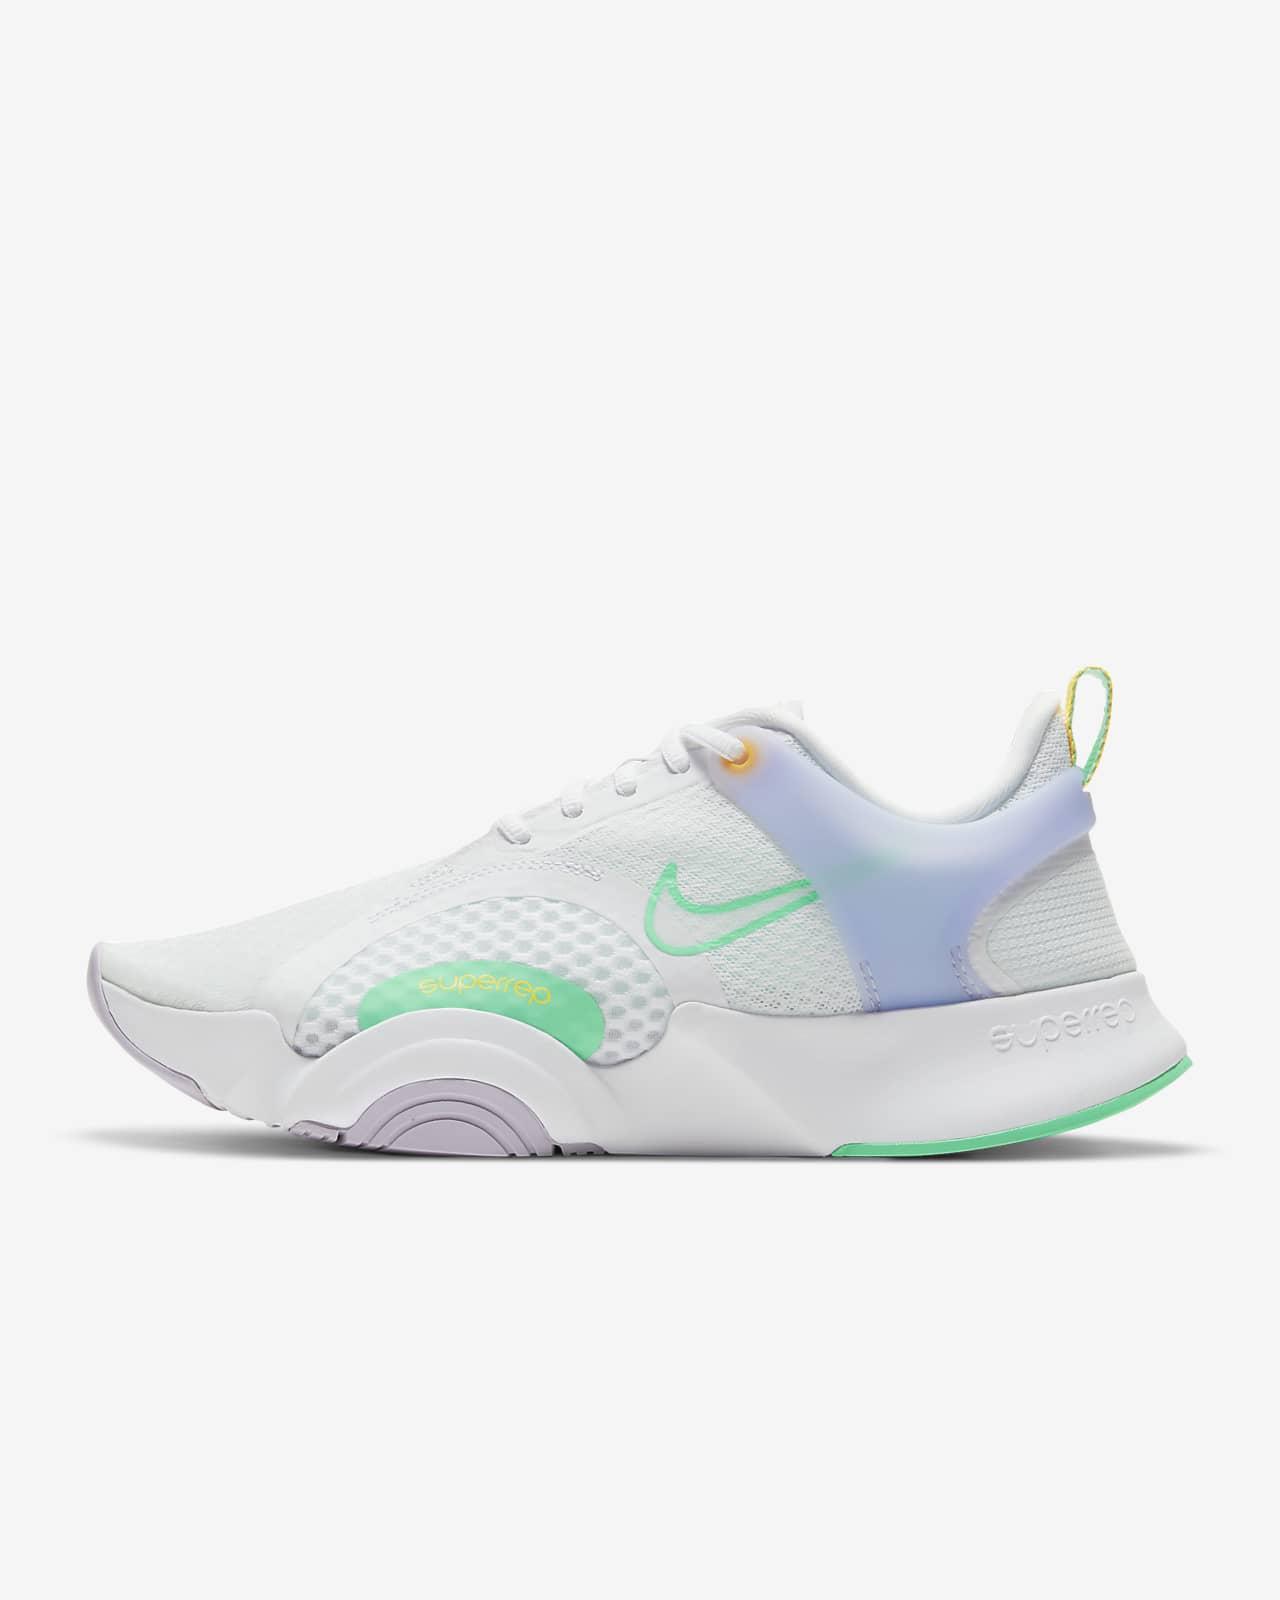 Dámská tréninková bota Nike SuperRep Go2